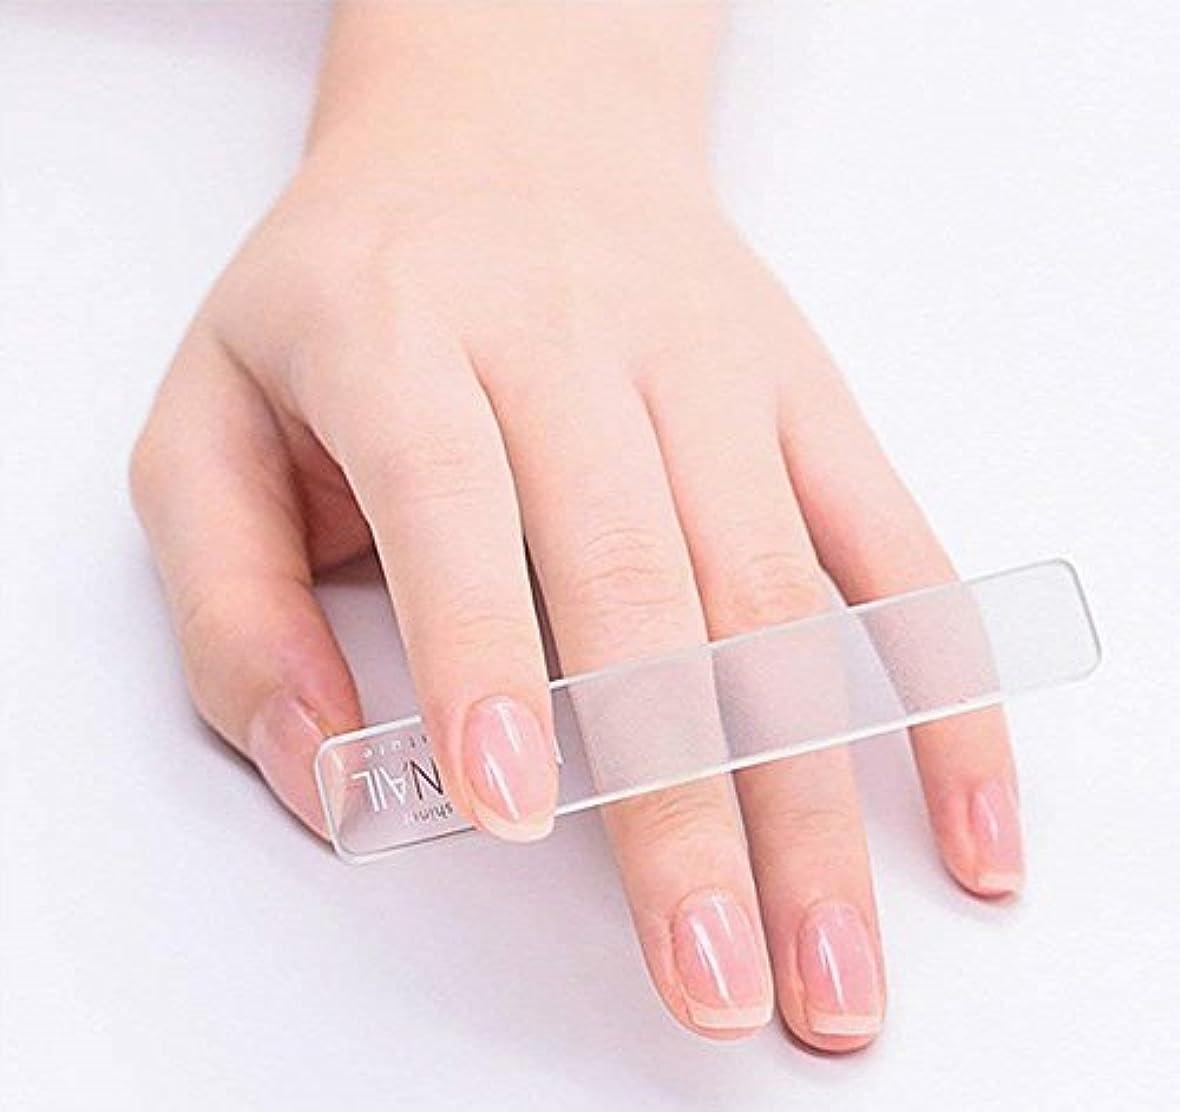 離れたギャップ喜ぶSmartRICH ガラス製ネイルファイル ネイル, 透明ガラスNano研磨 絶妙 爪やすり 爪磨き 立体ナノネイルファイル ネイルケア用品 美しい指先 光沢長持ち